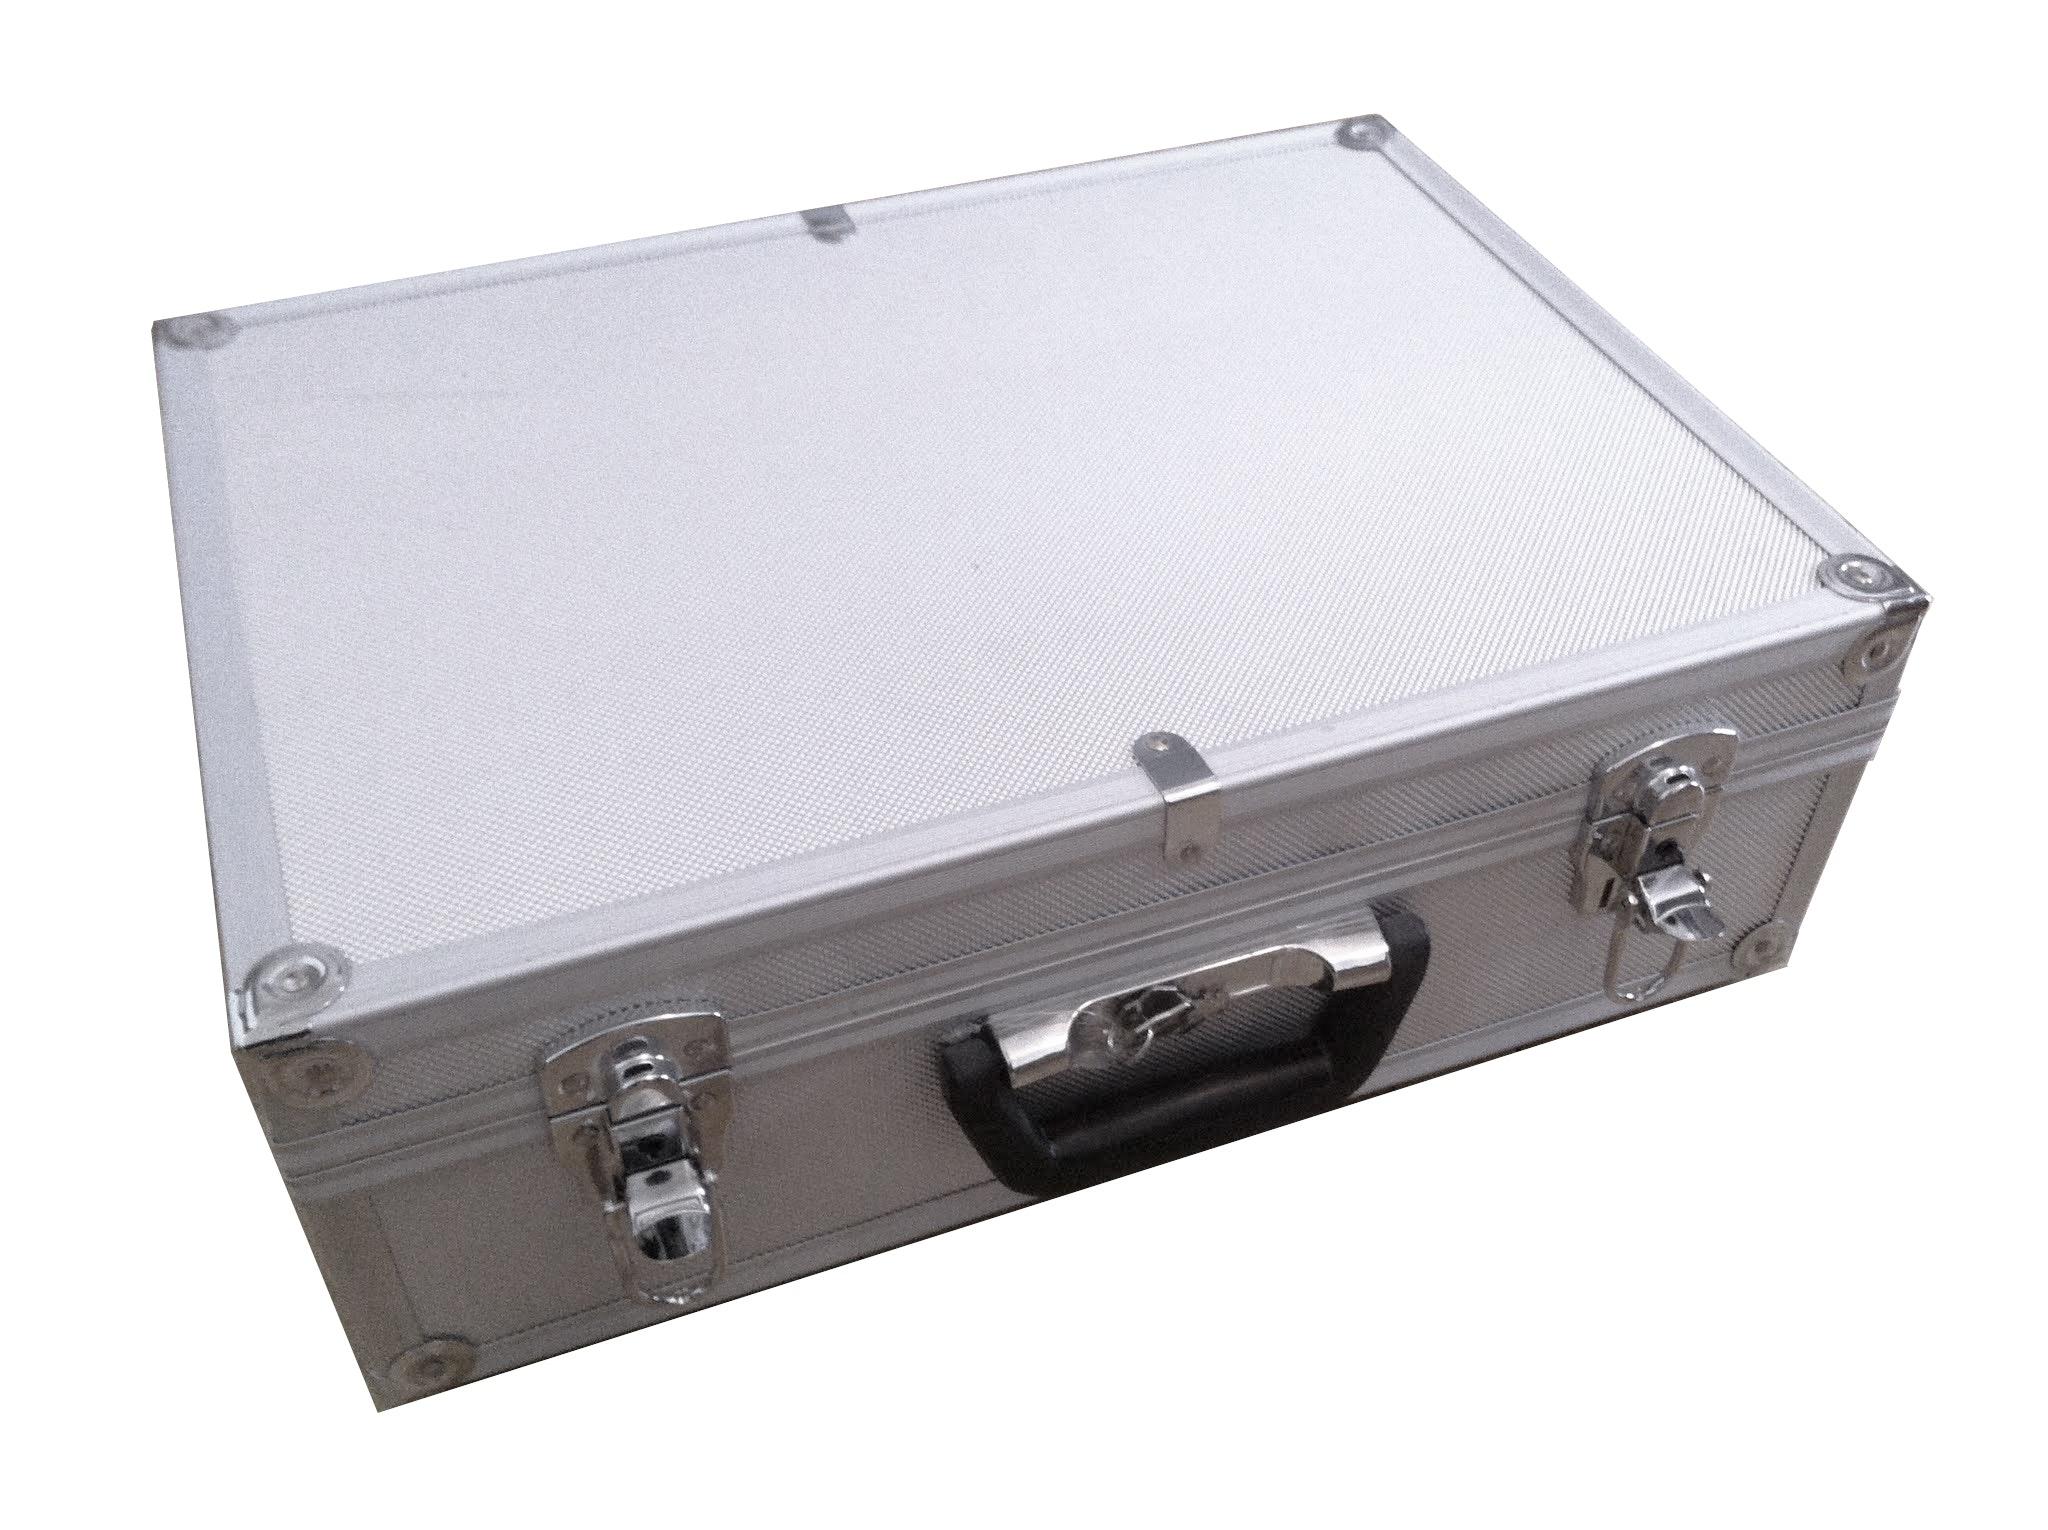 Aluminiumskasse med skumindlaeg.jpg?ixlib=rb 1.1